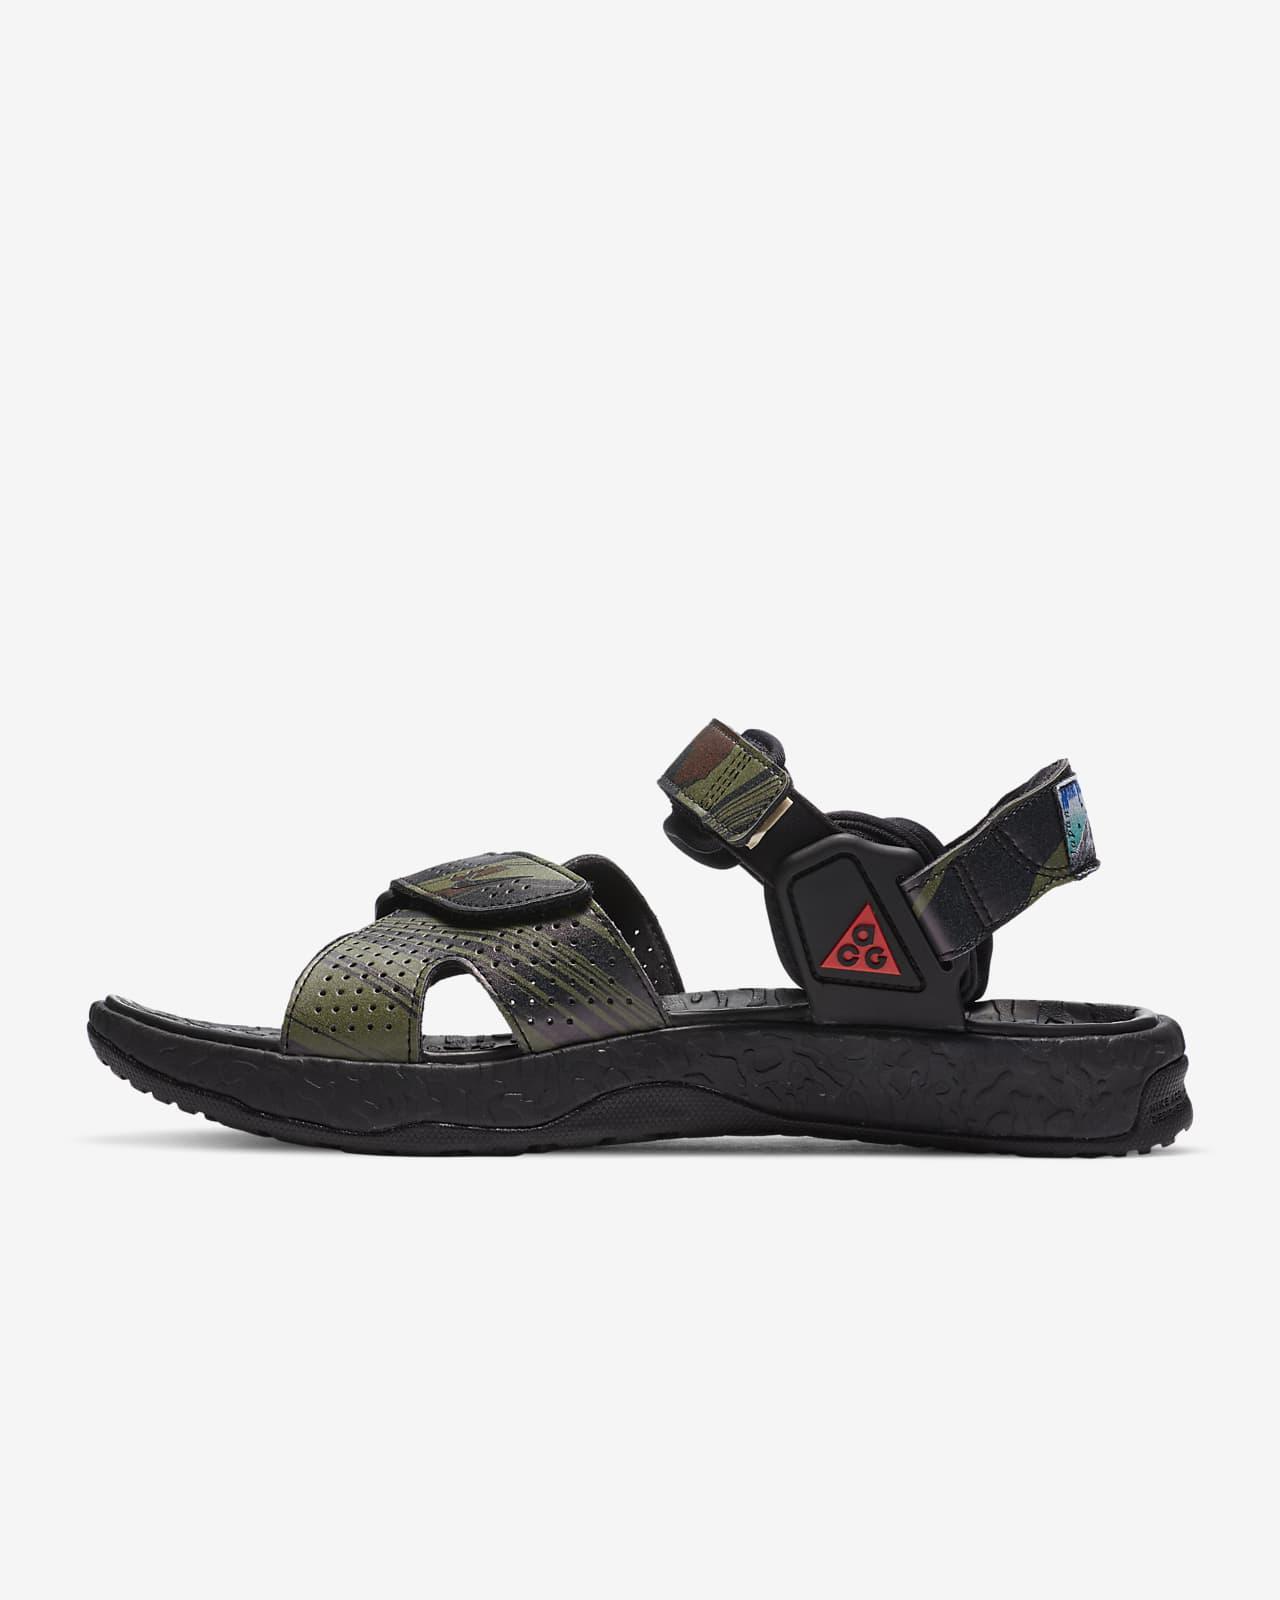 Nike ACG Deschutz Mt. Fuji Sandal